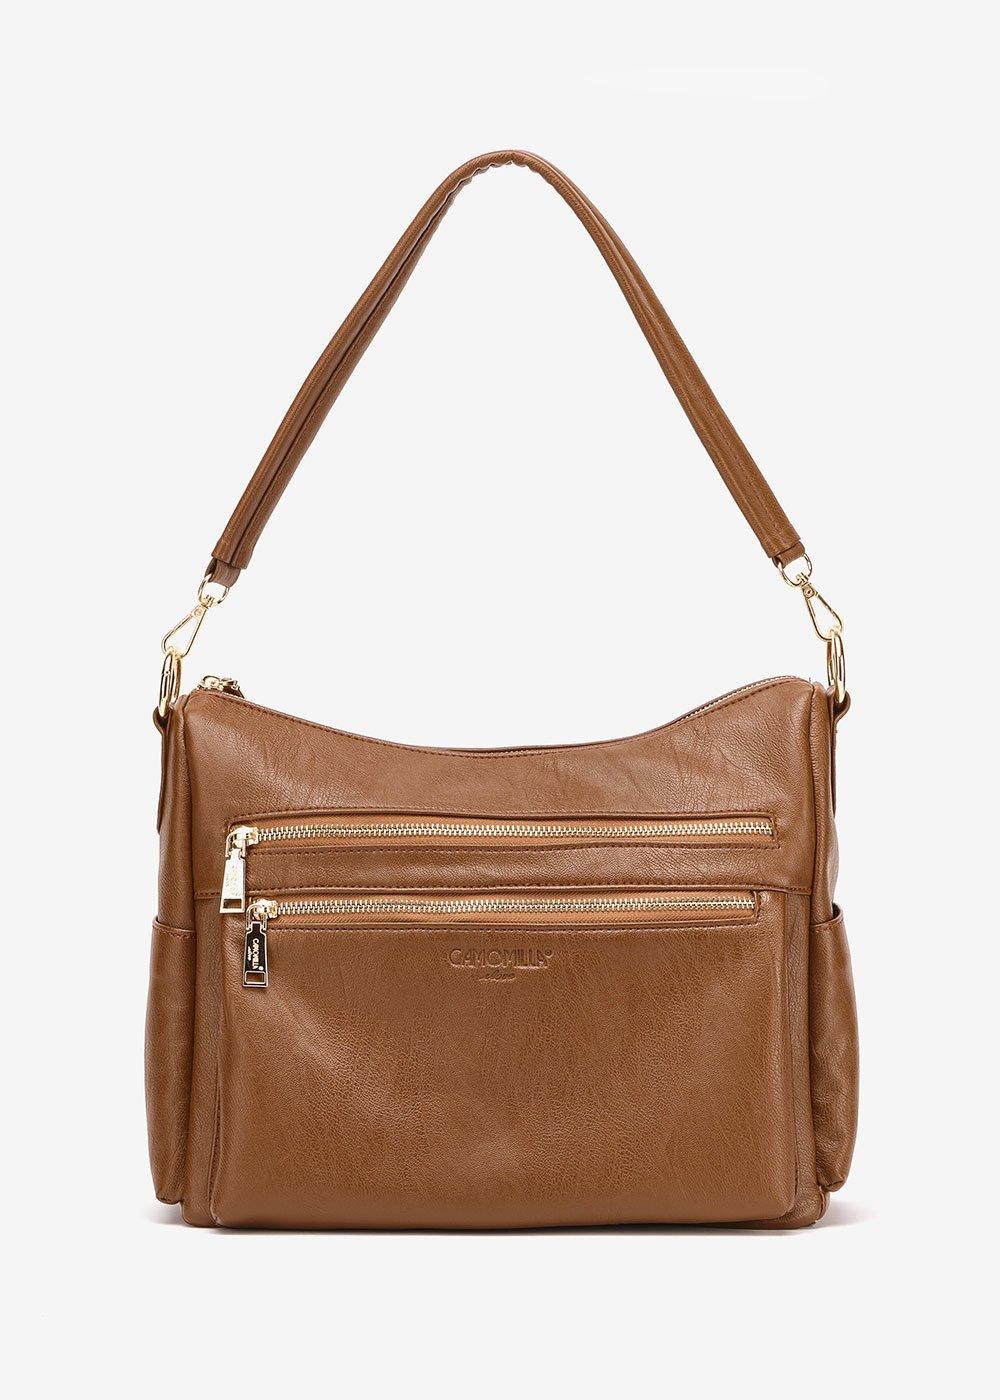 Bray multi-compartment bag - Cocoa - Woman